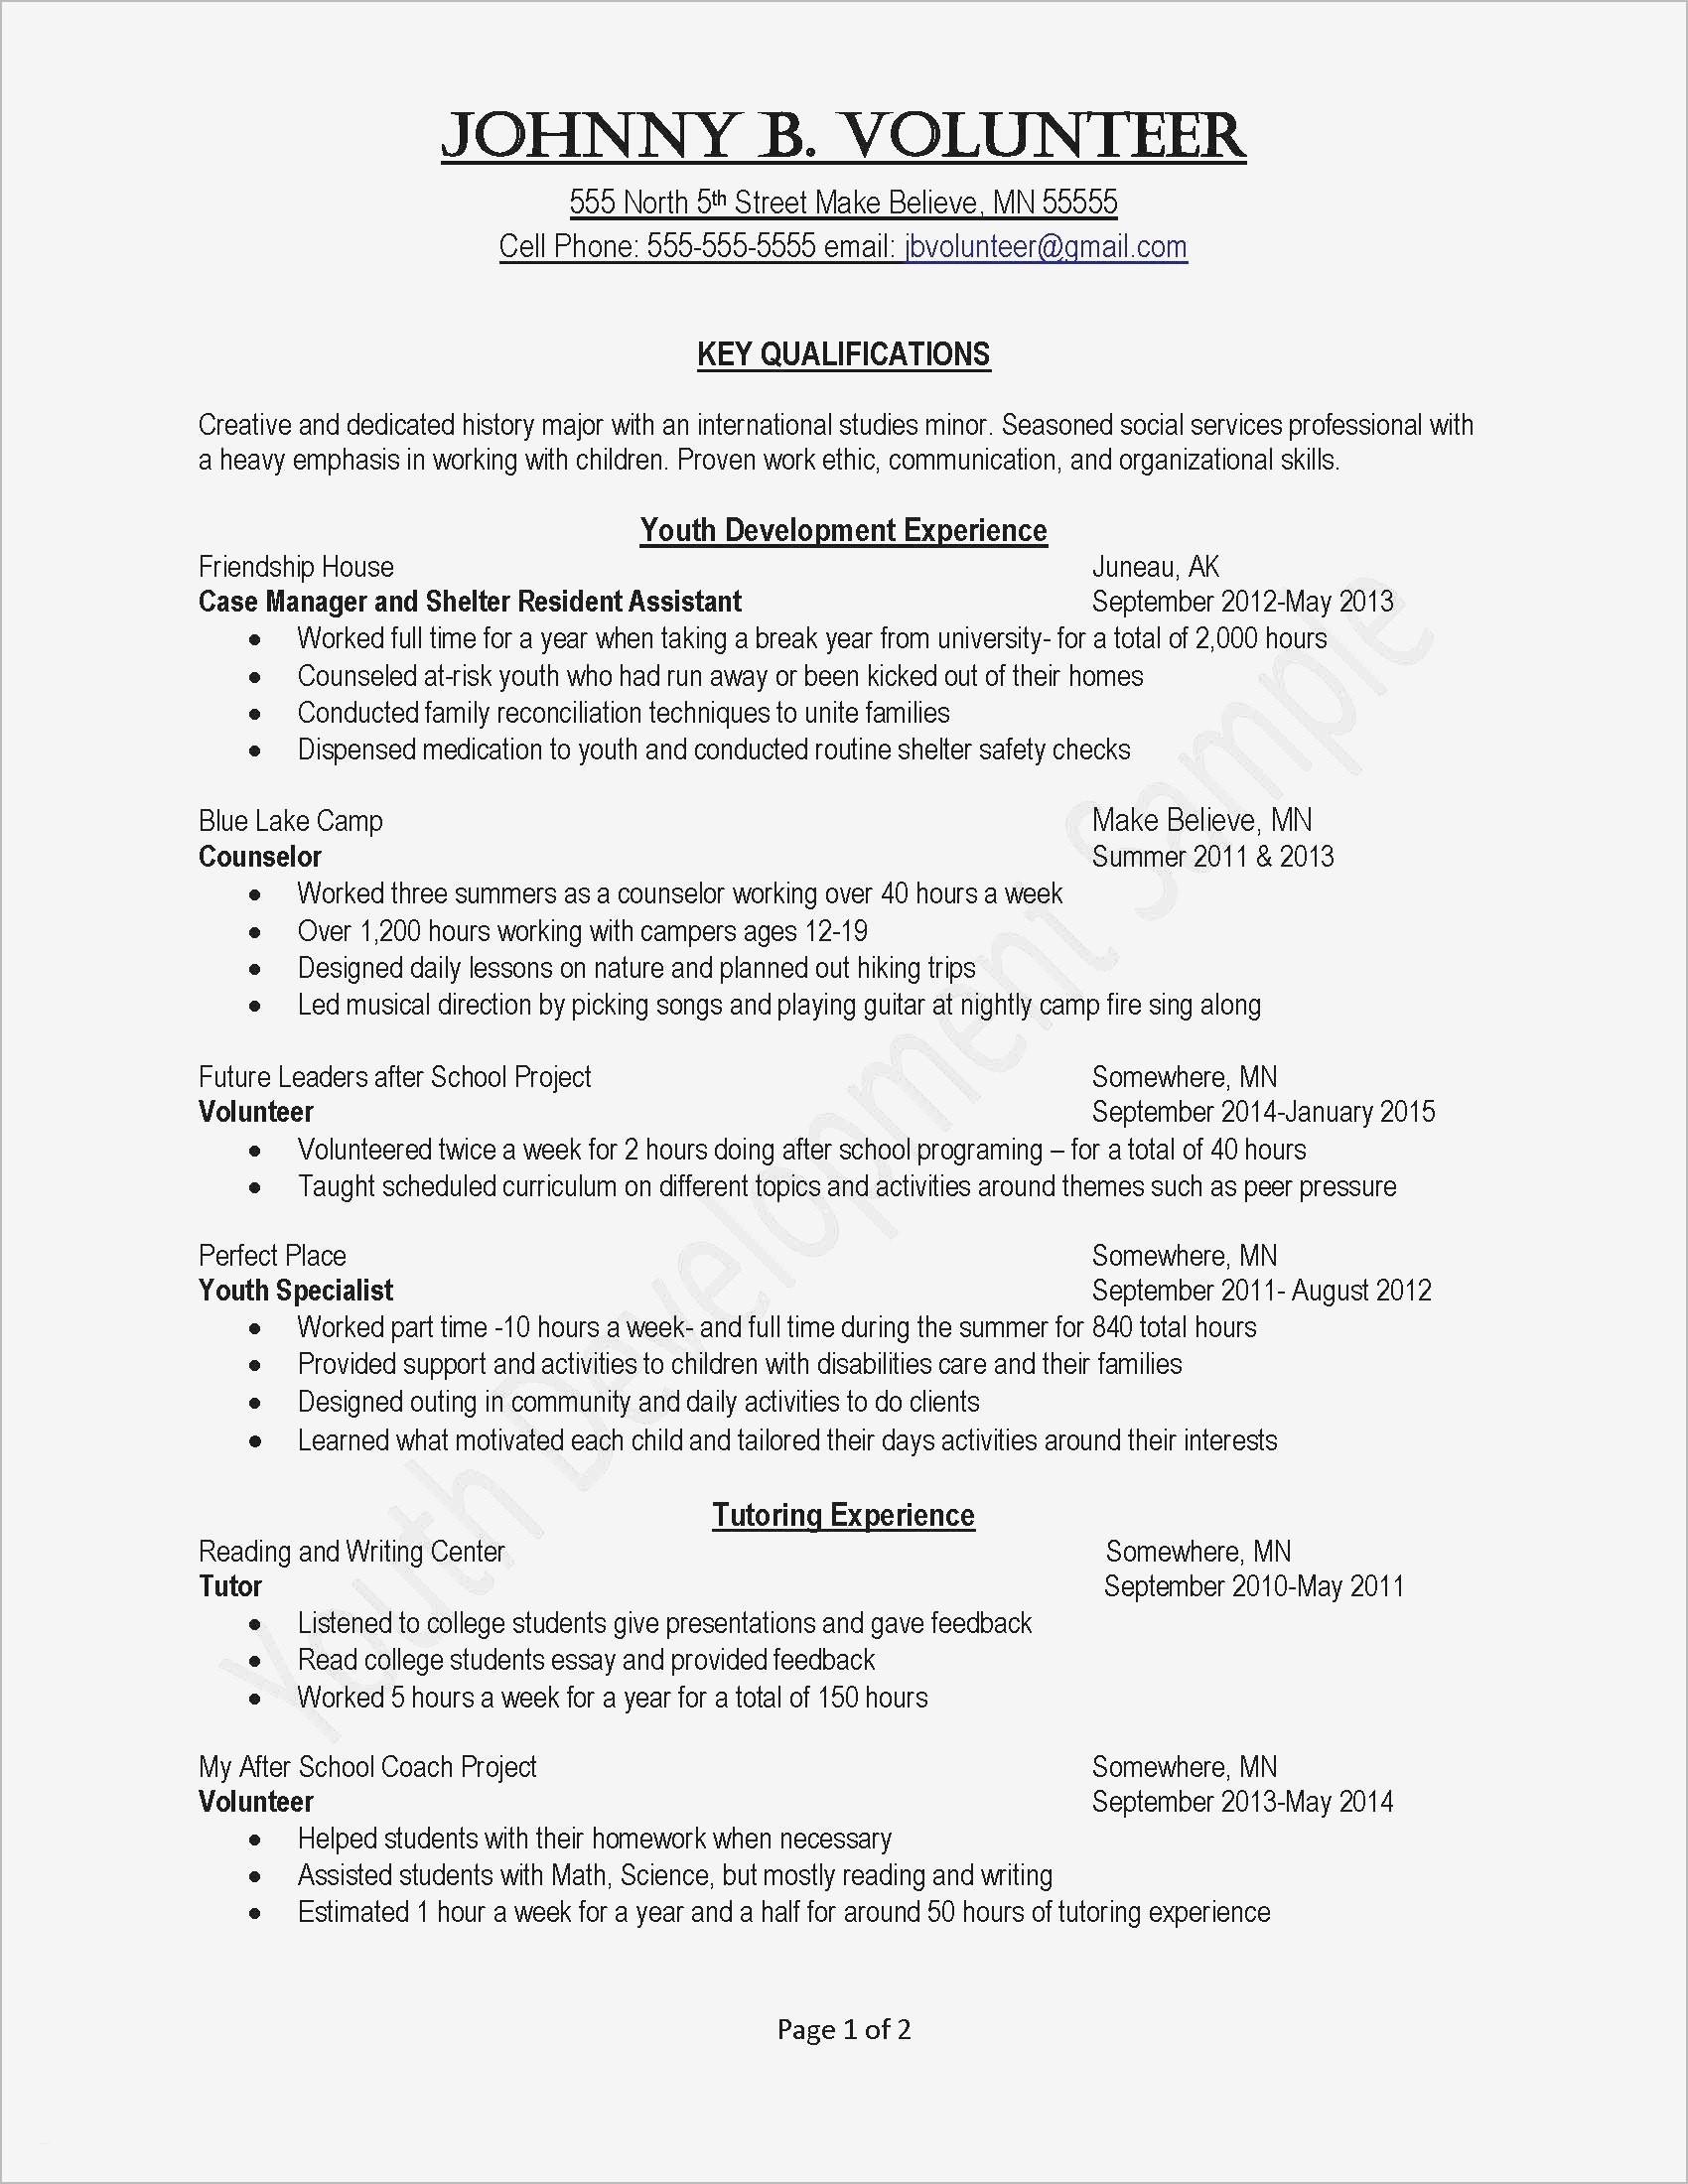 Cover Letter Template for Warehouse Position - Cover Letter Examples for Resume Warehouse New Unique Job Fer Letter